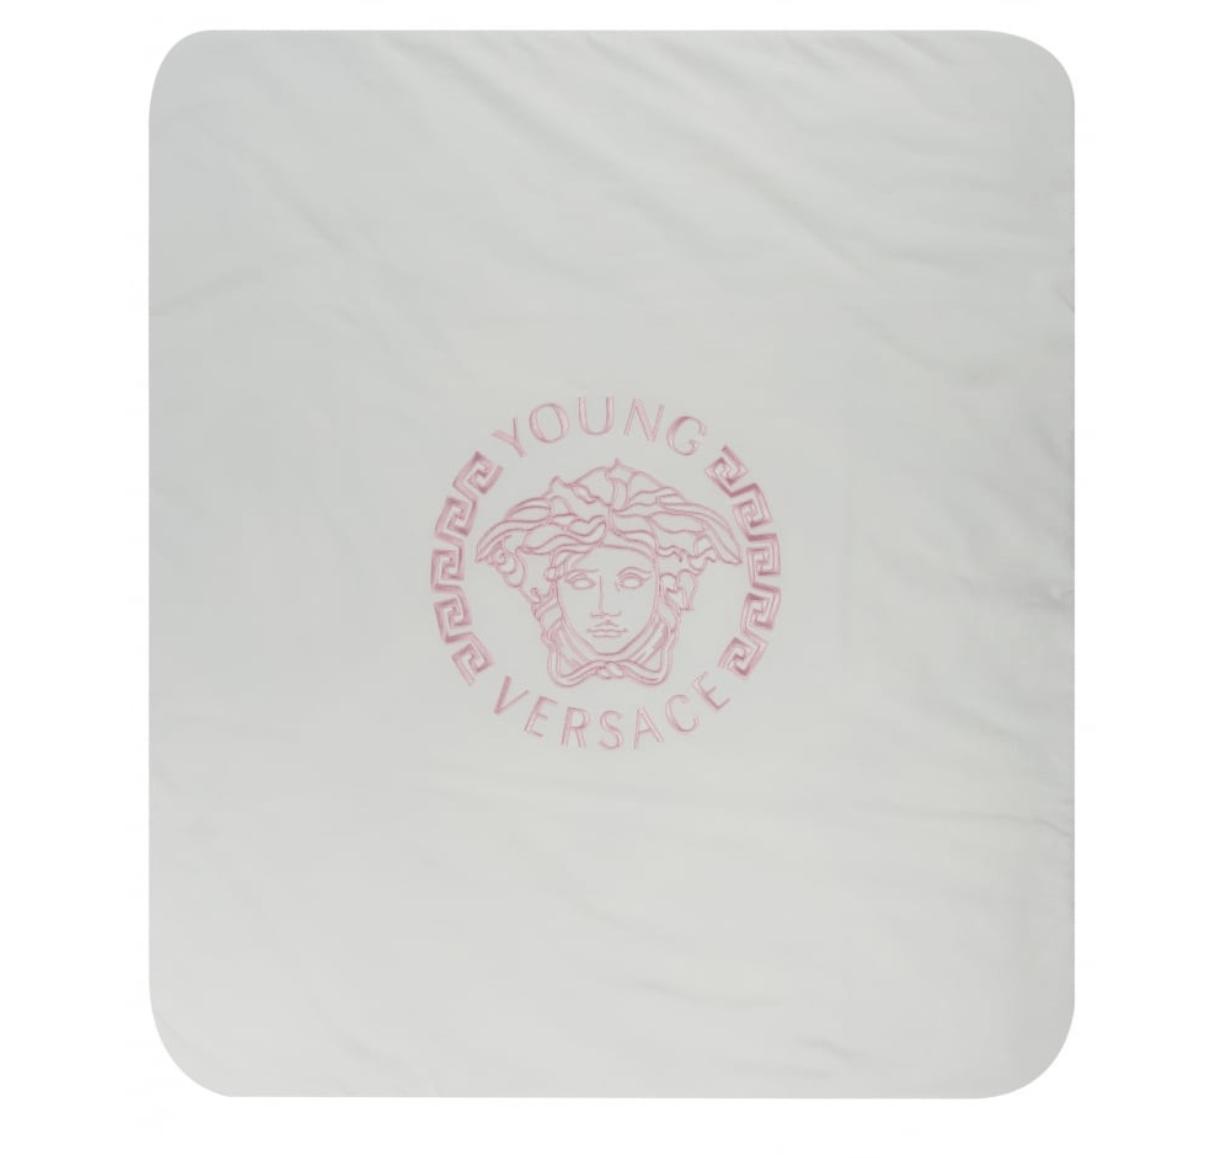 Versace baby blanket